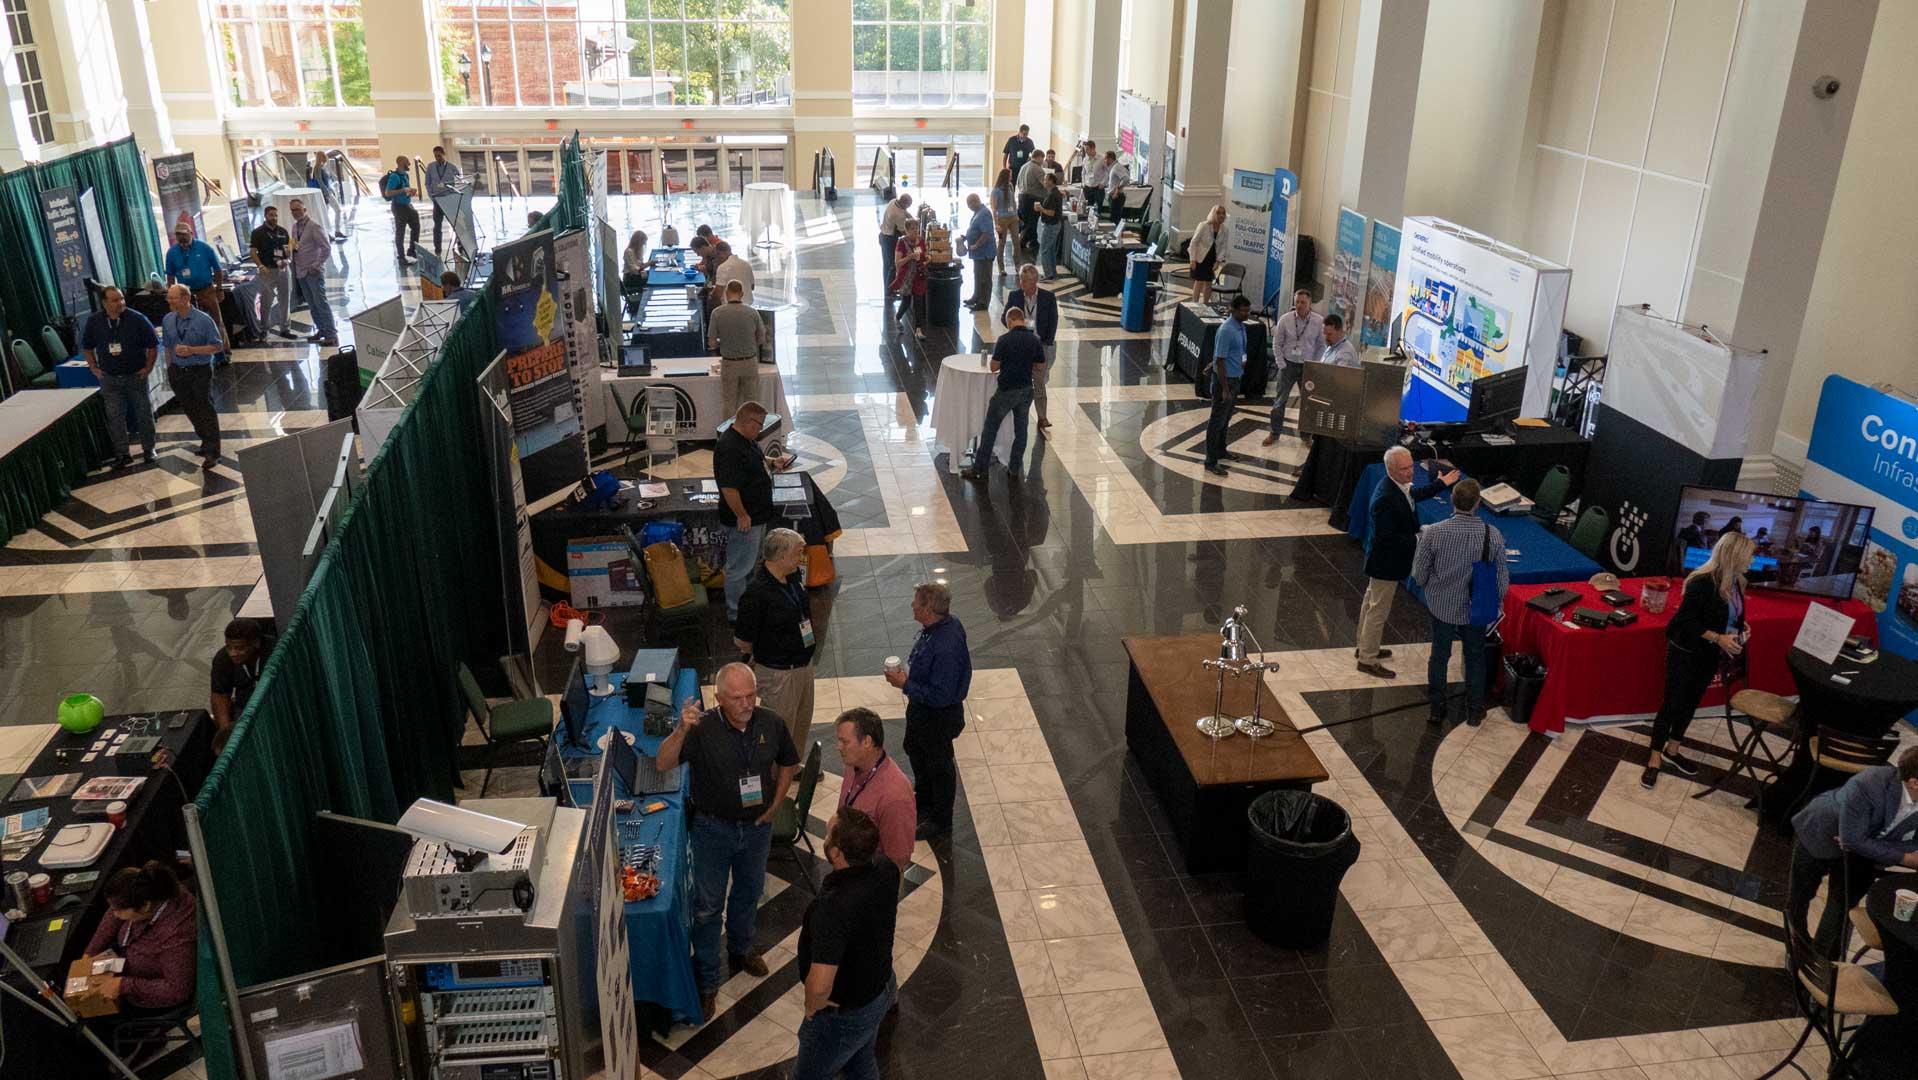 ITSGA-2019-annual-meeting-Exhibits-Crowd-2